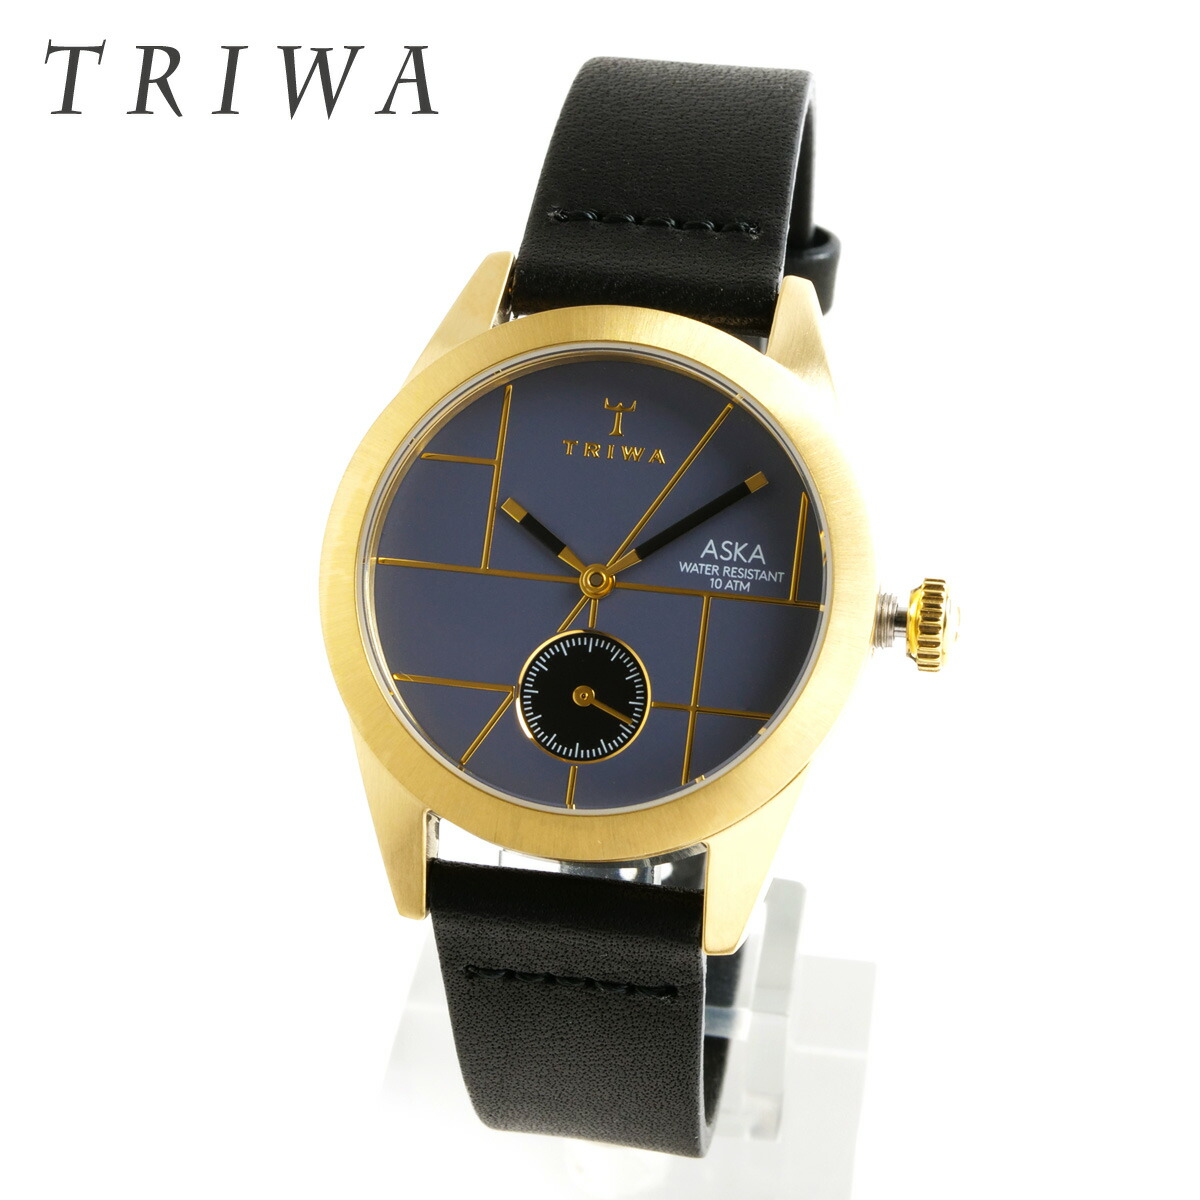 TRIWA トリワ AKST105-SS010113 Blues Aska BLACK CLASSIC SUPER SLIM ブルースアスカ ブラック スーパースリム あす楽 即納 女性用 腕時計 レディース レディス ウォッチ レザーベルト アナログ